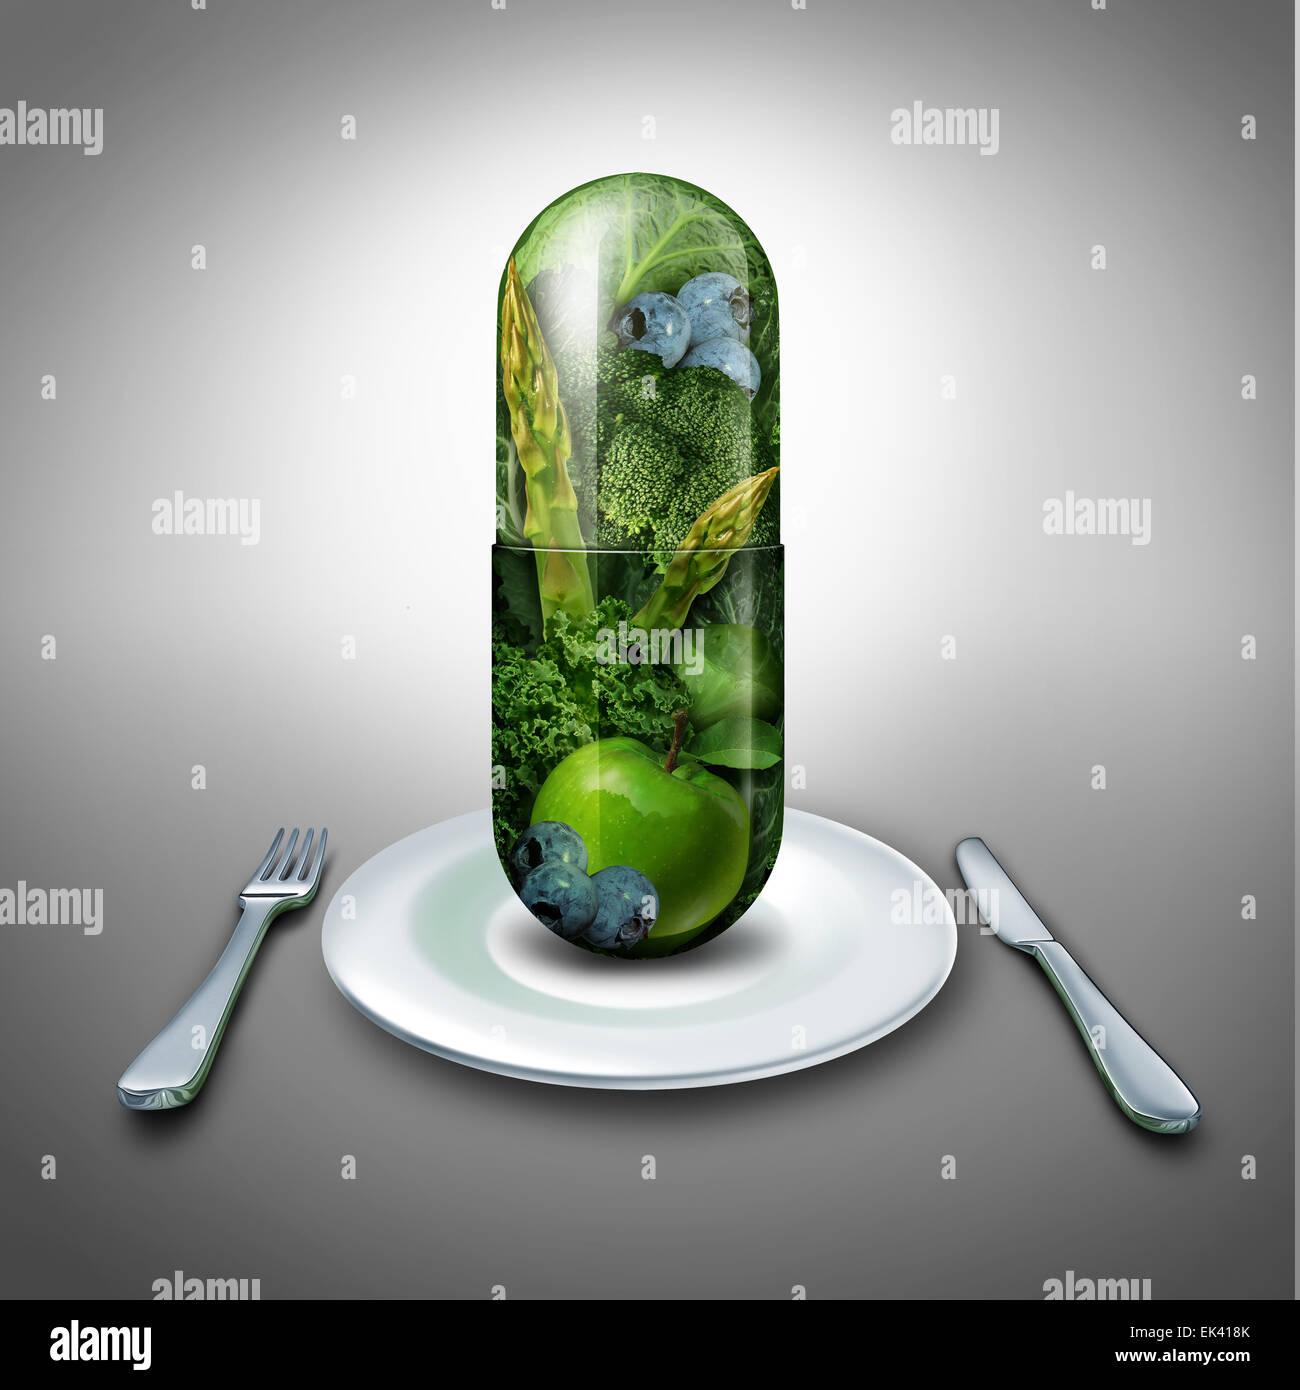 Nahrungsergänzungsmittel-Konzept als eine riesige Pille oder Kapsel Medizin mit frischem Obst und Gemüse Stockbild